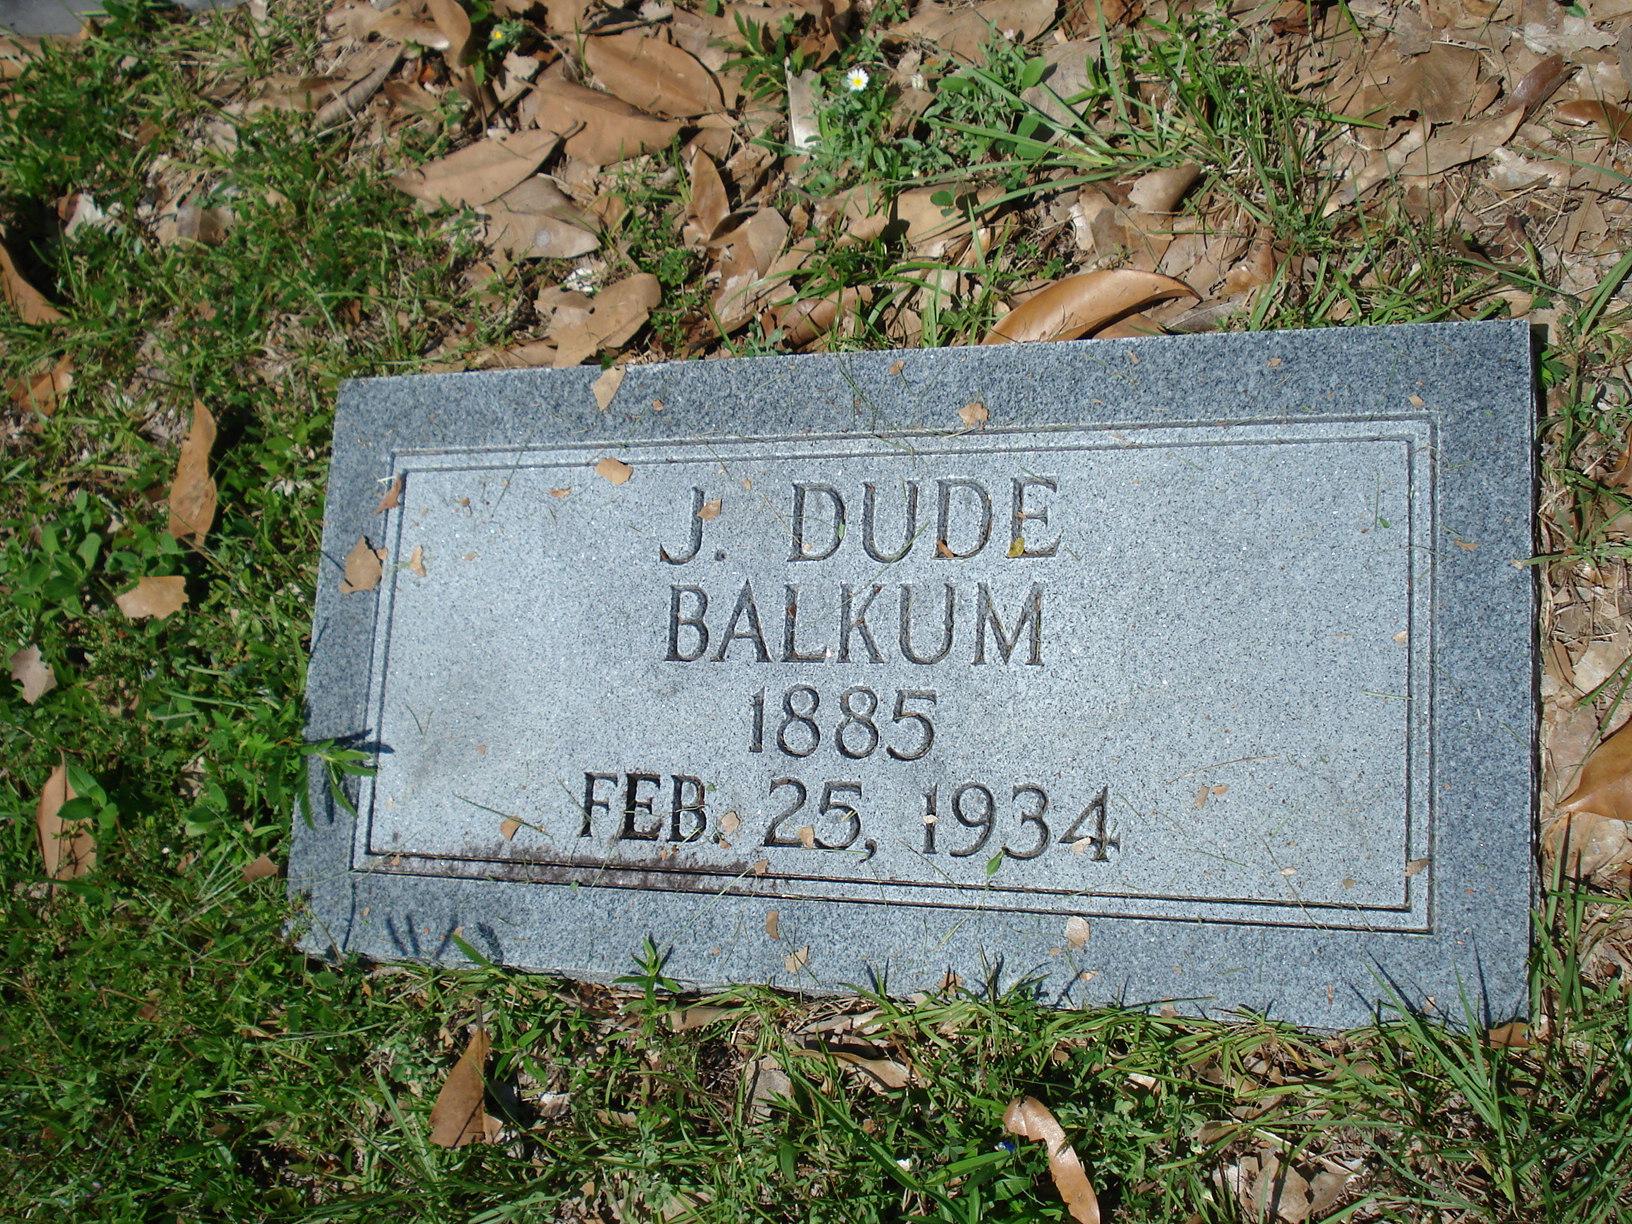 J. Dude Balkum